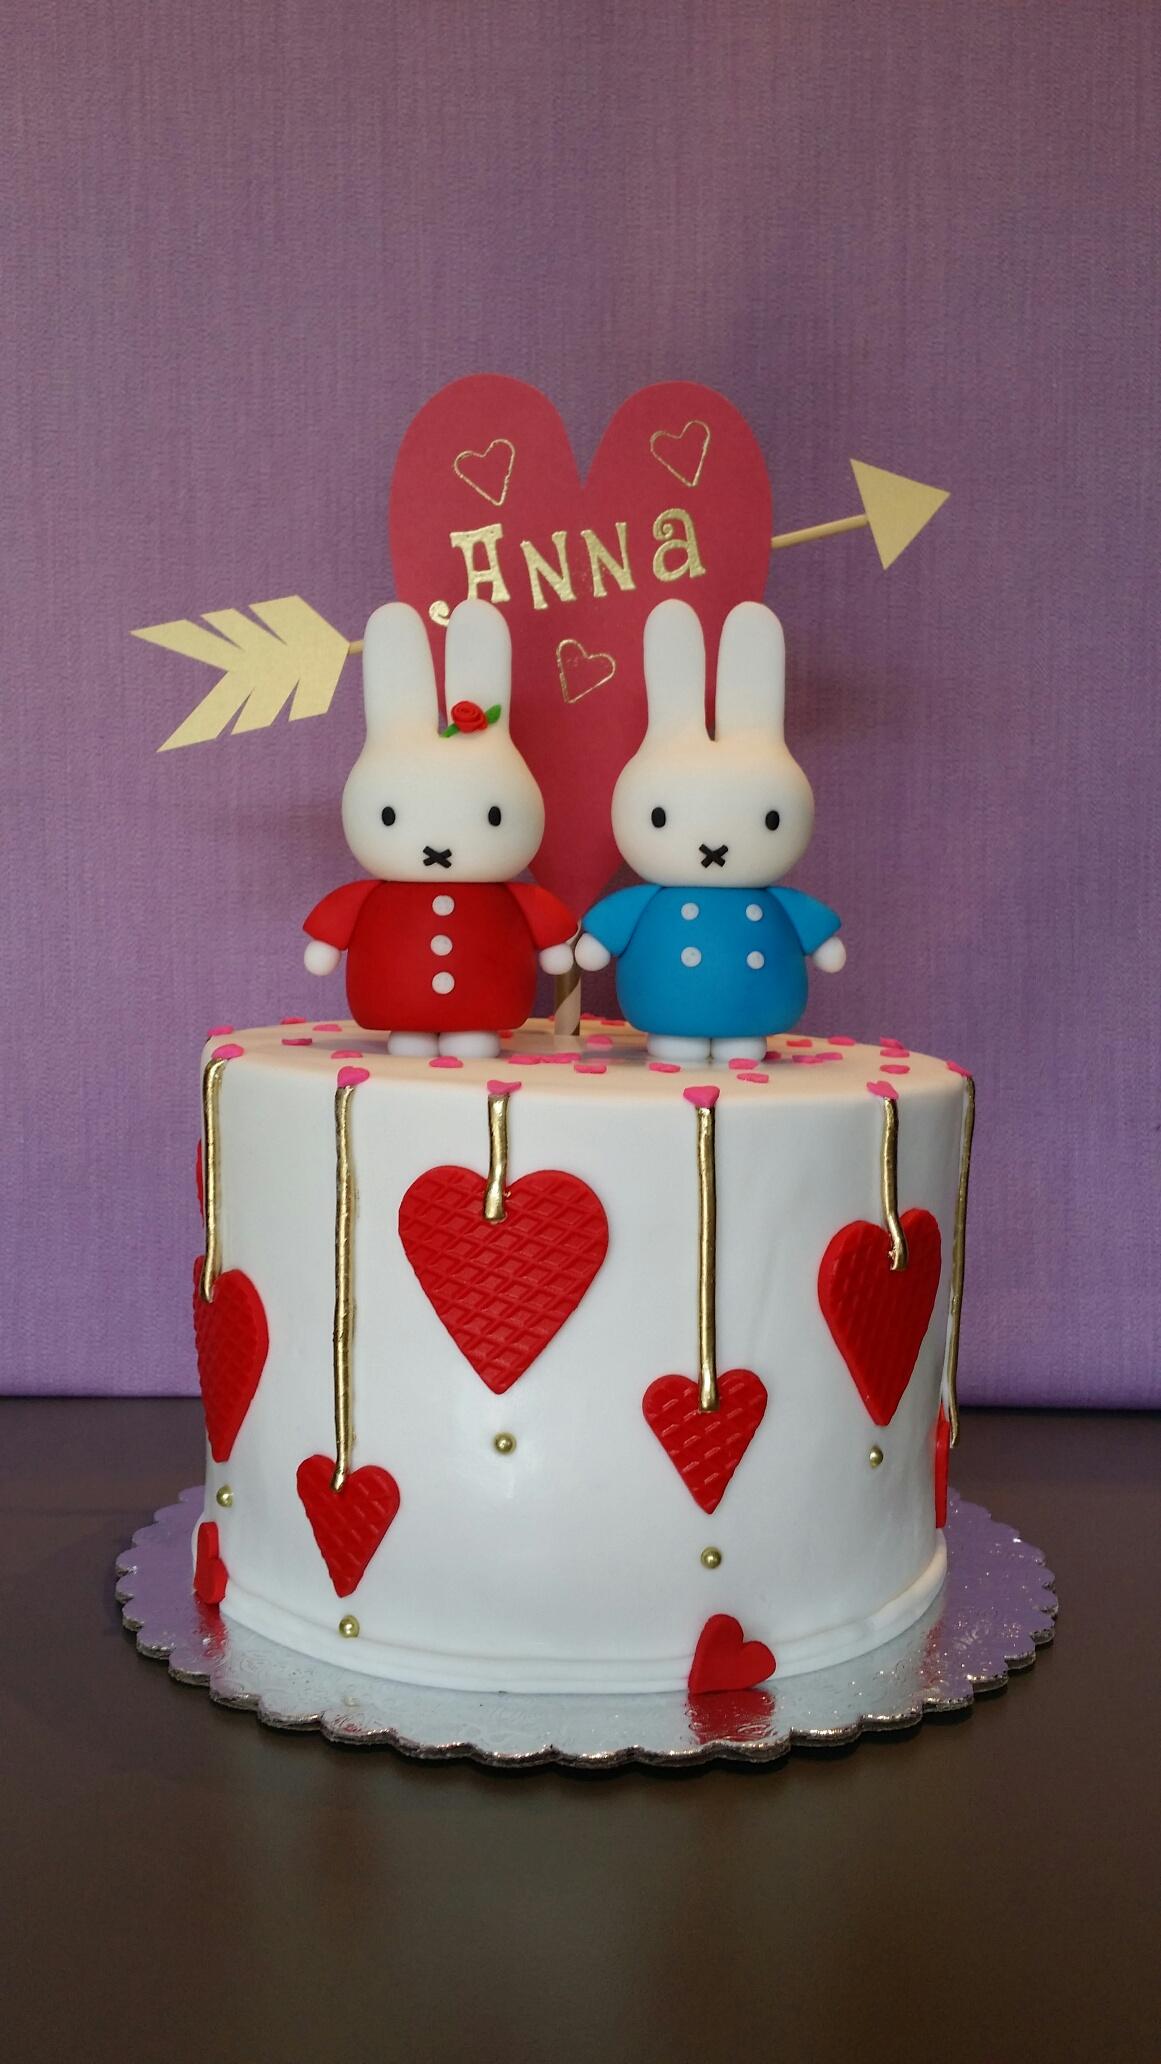 Valentines Day Celebration Cake